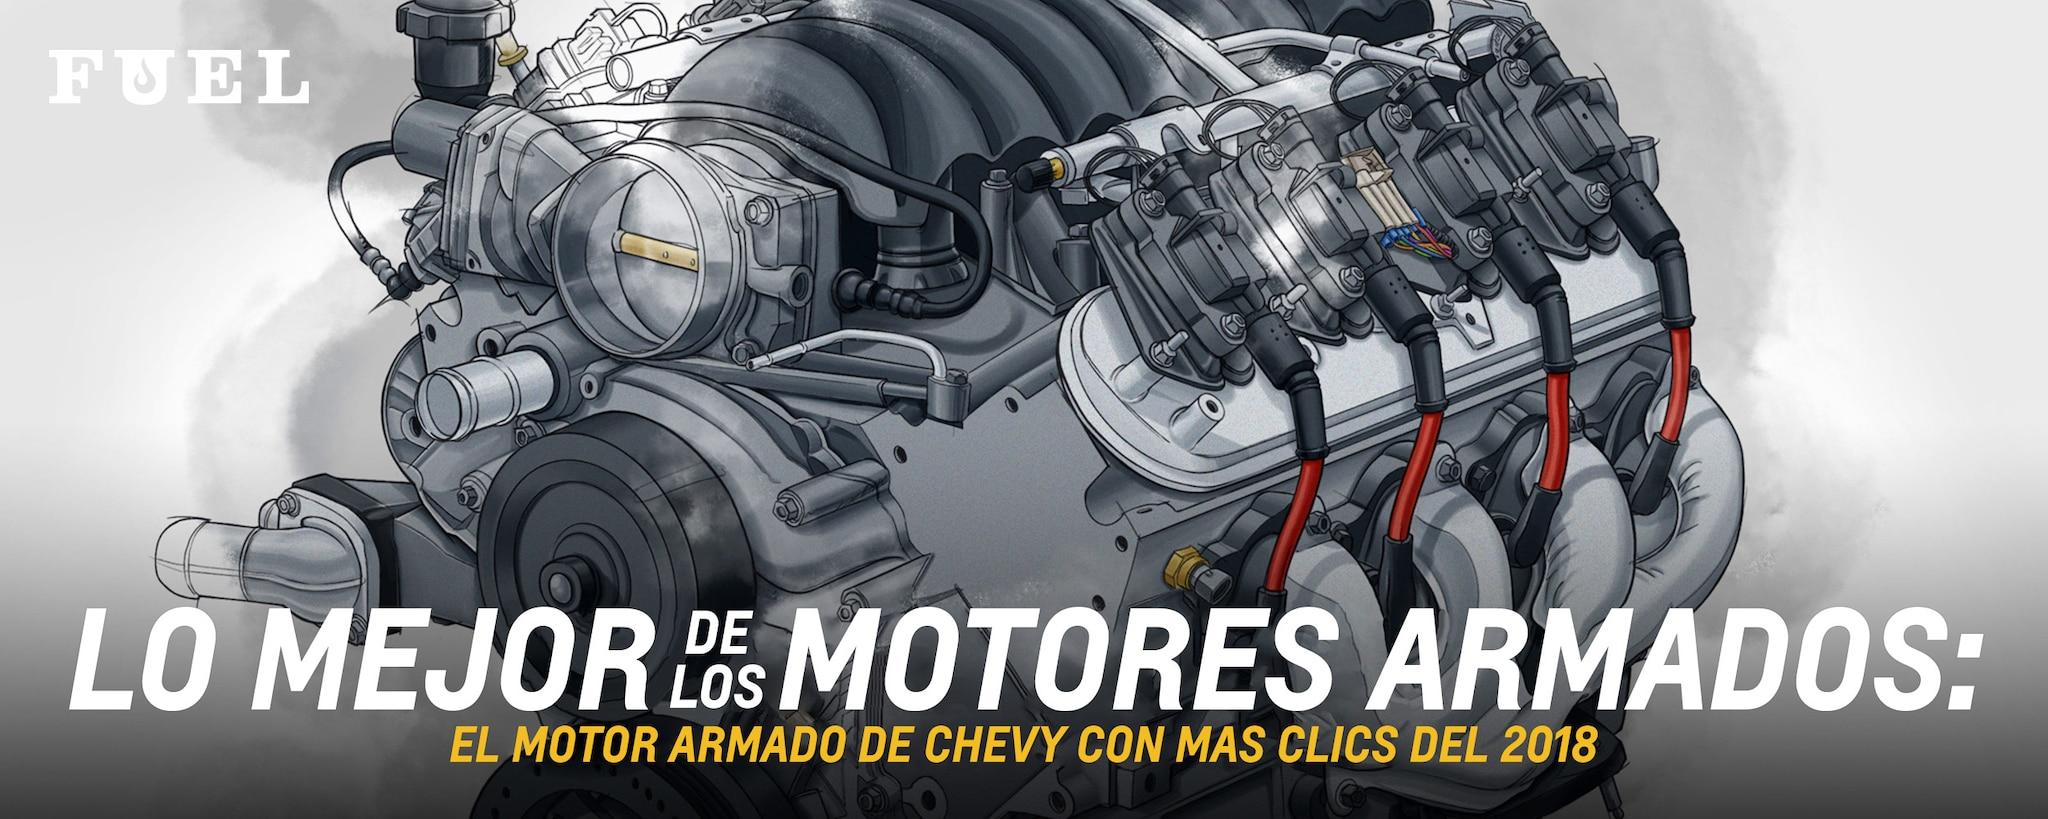 El boletín Fuel de Chevrolet Performance presenta lo mejor de los motores armados: Motores armados Chevy con más clics de 2018